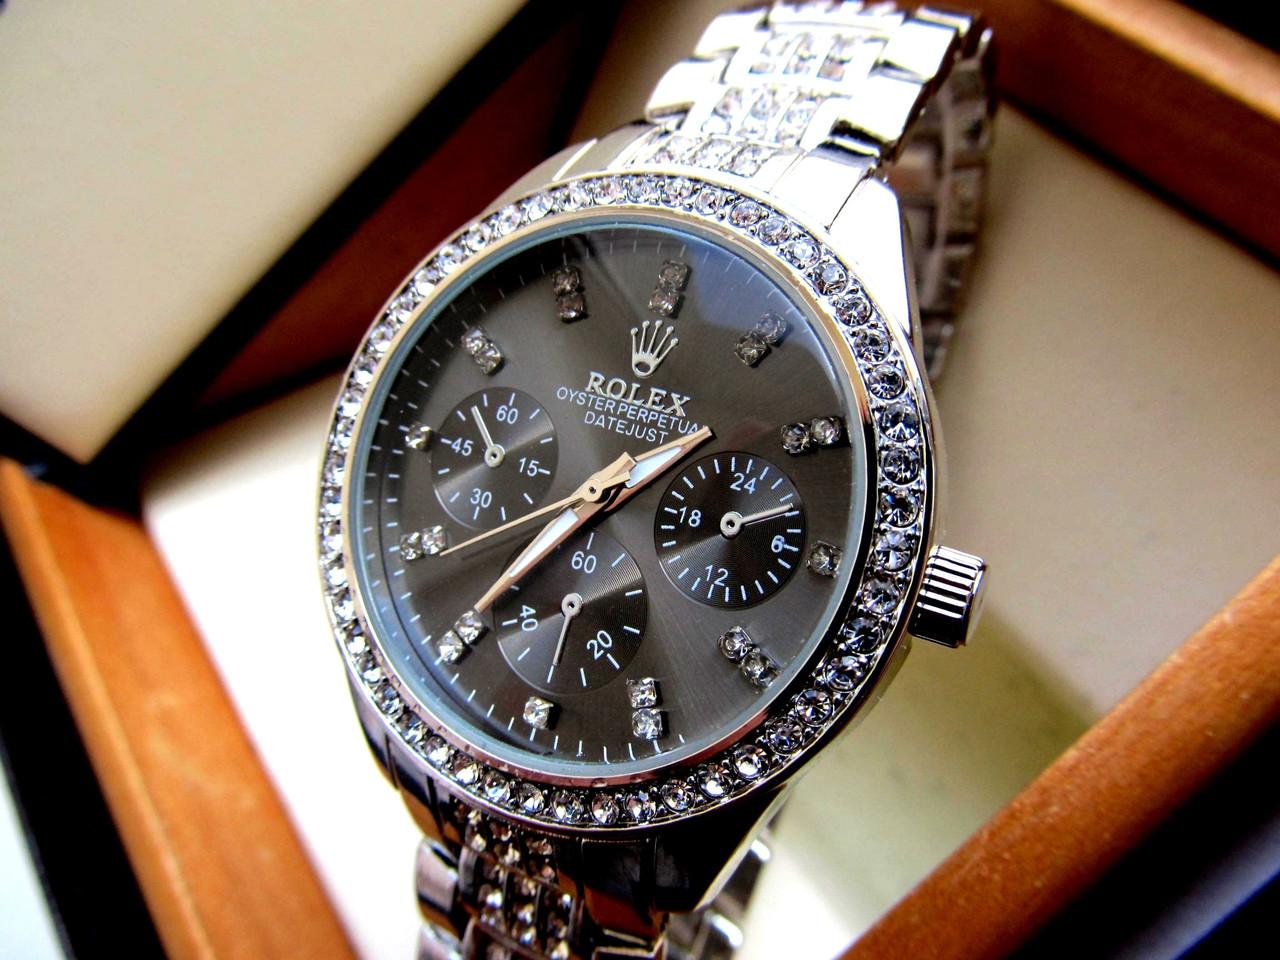 Кварцевые женские часы Rolex под Michael Kors. Отличное качество. Стильный  дизайн. Солидные часы dba886fa653